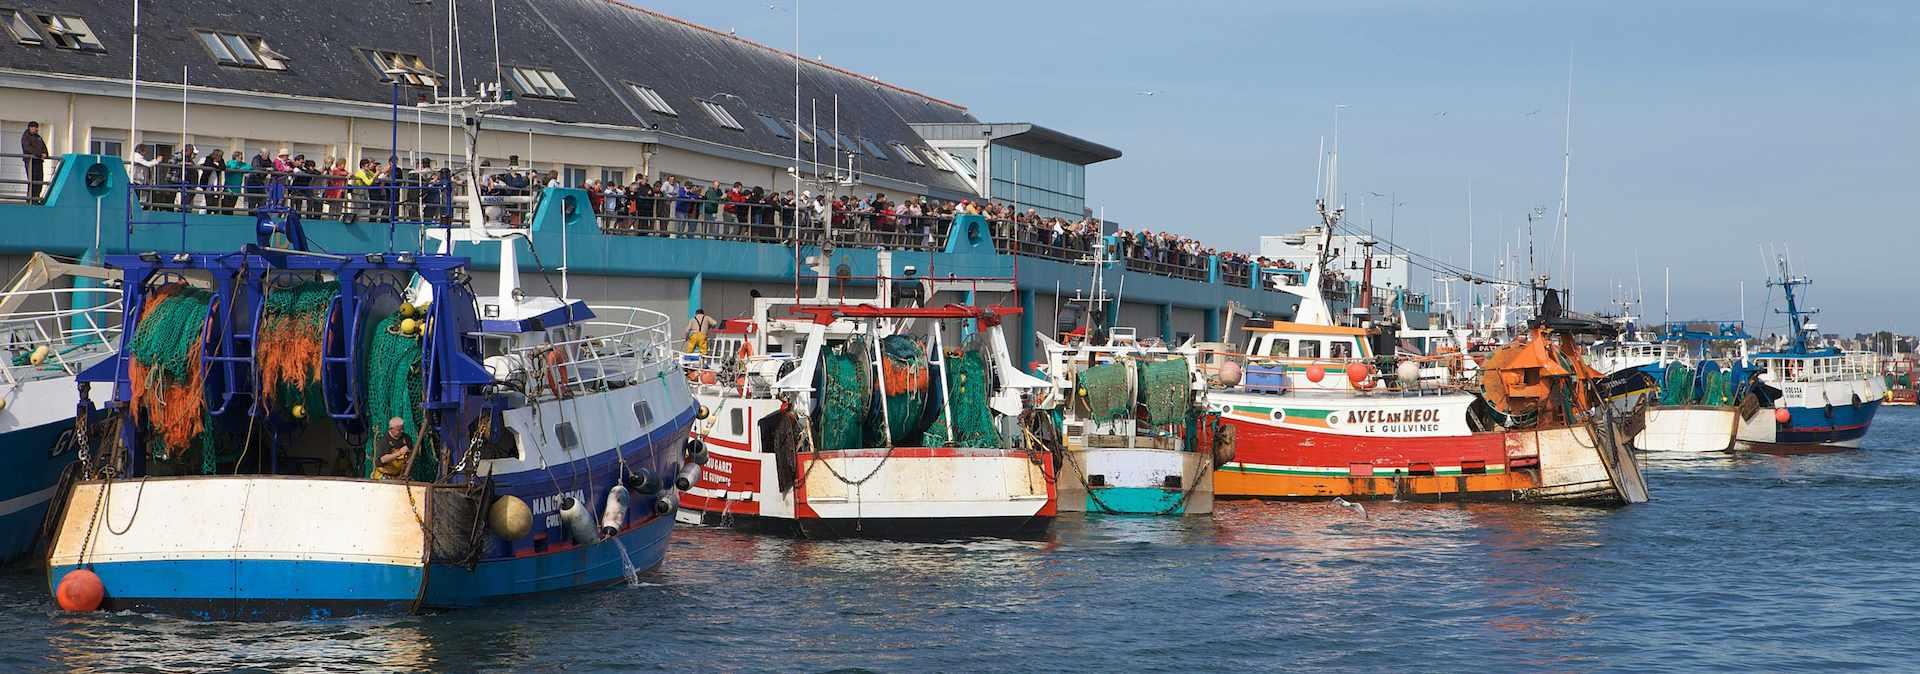 Pêche en mer en Finistère